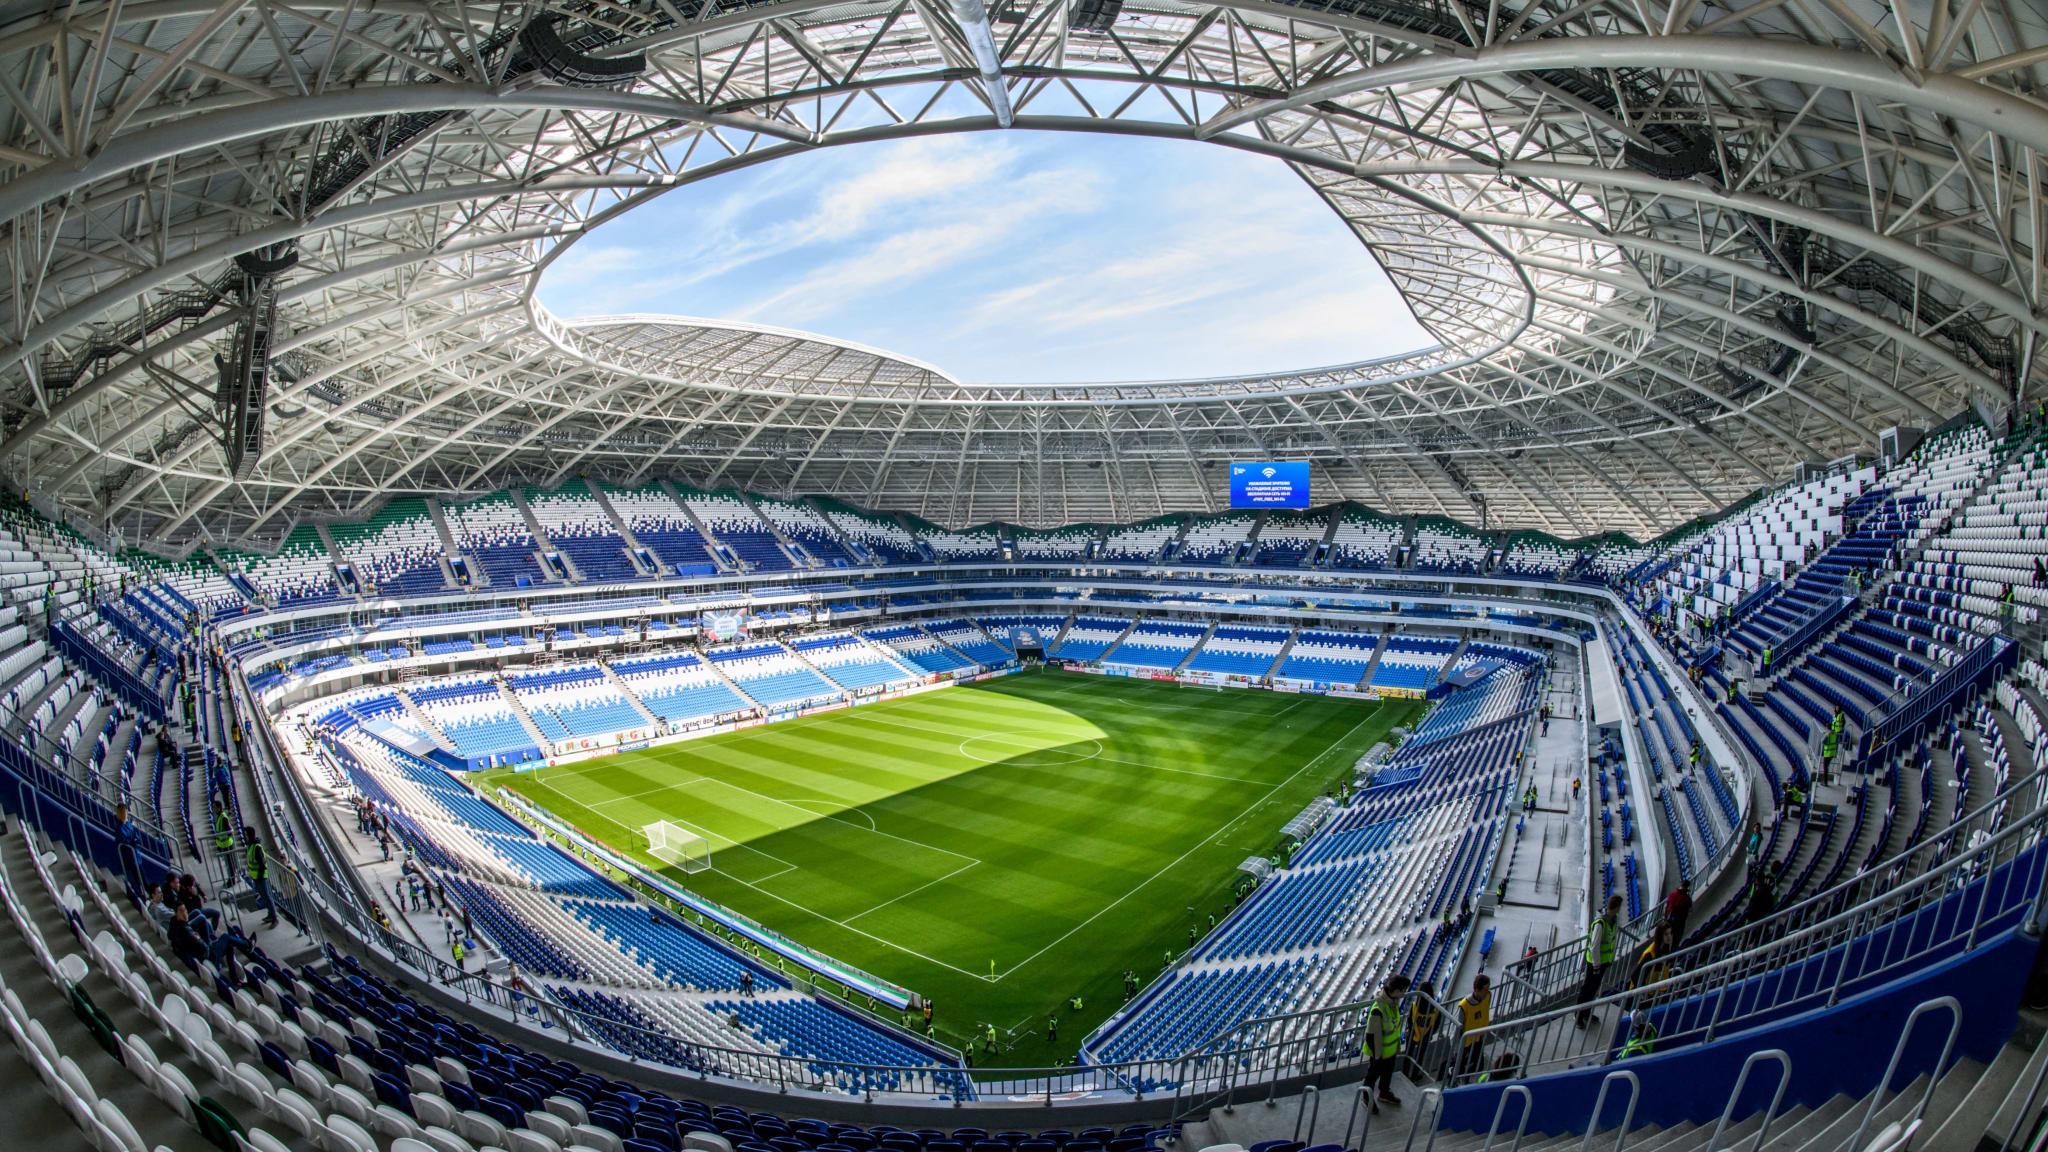 ppt模板_2018世界杯体育场:萨马拉体育场_沪江英语